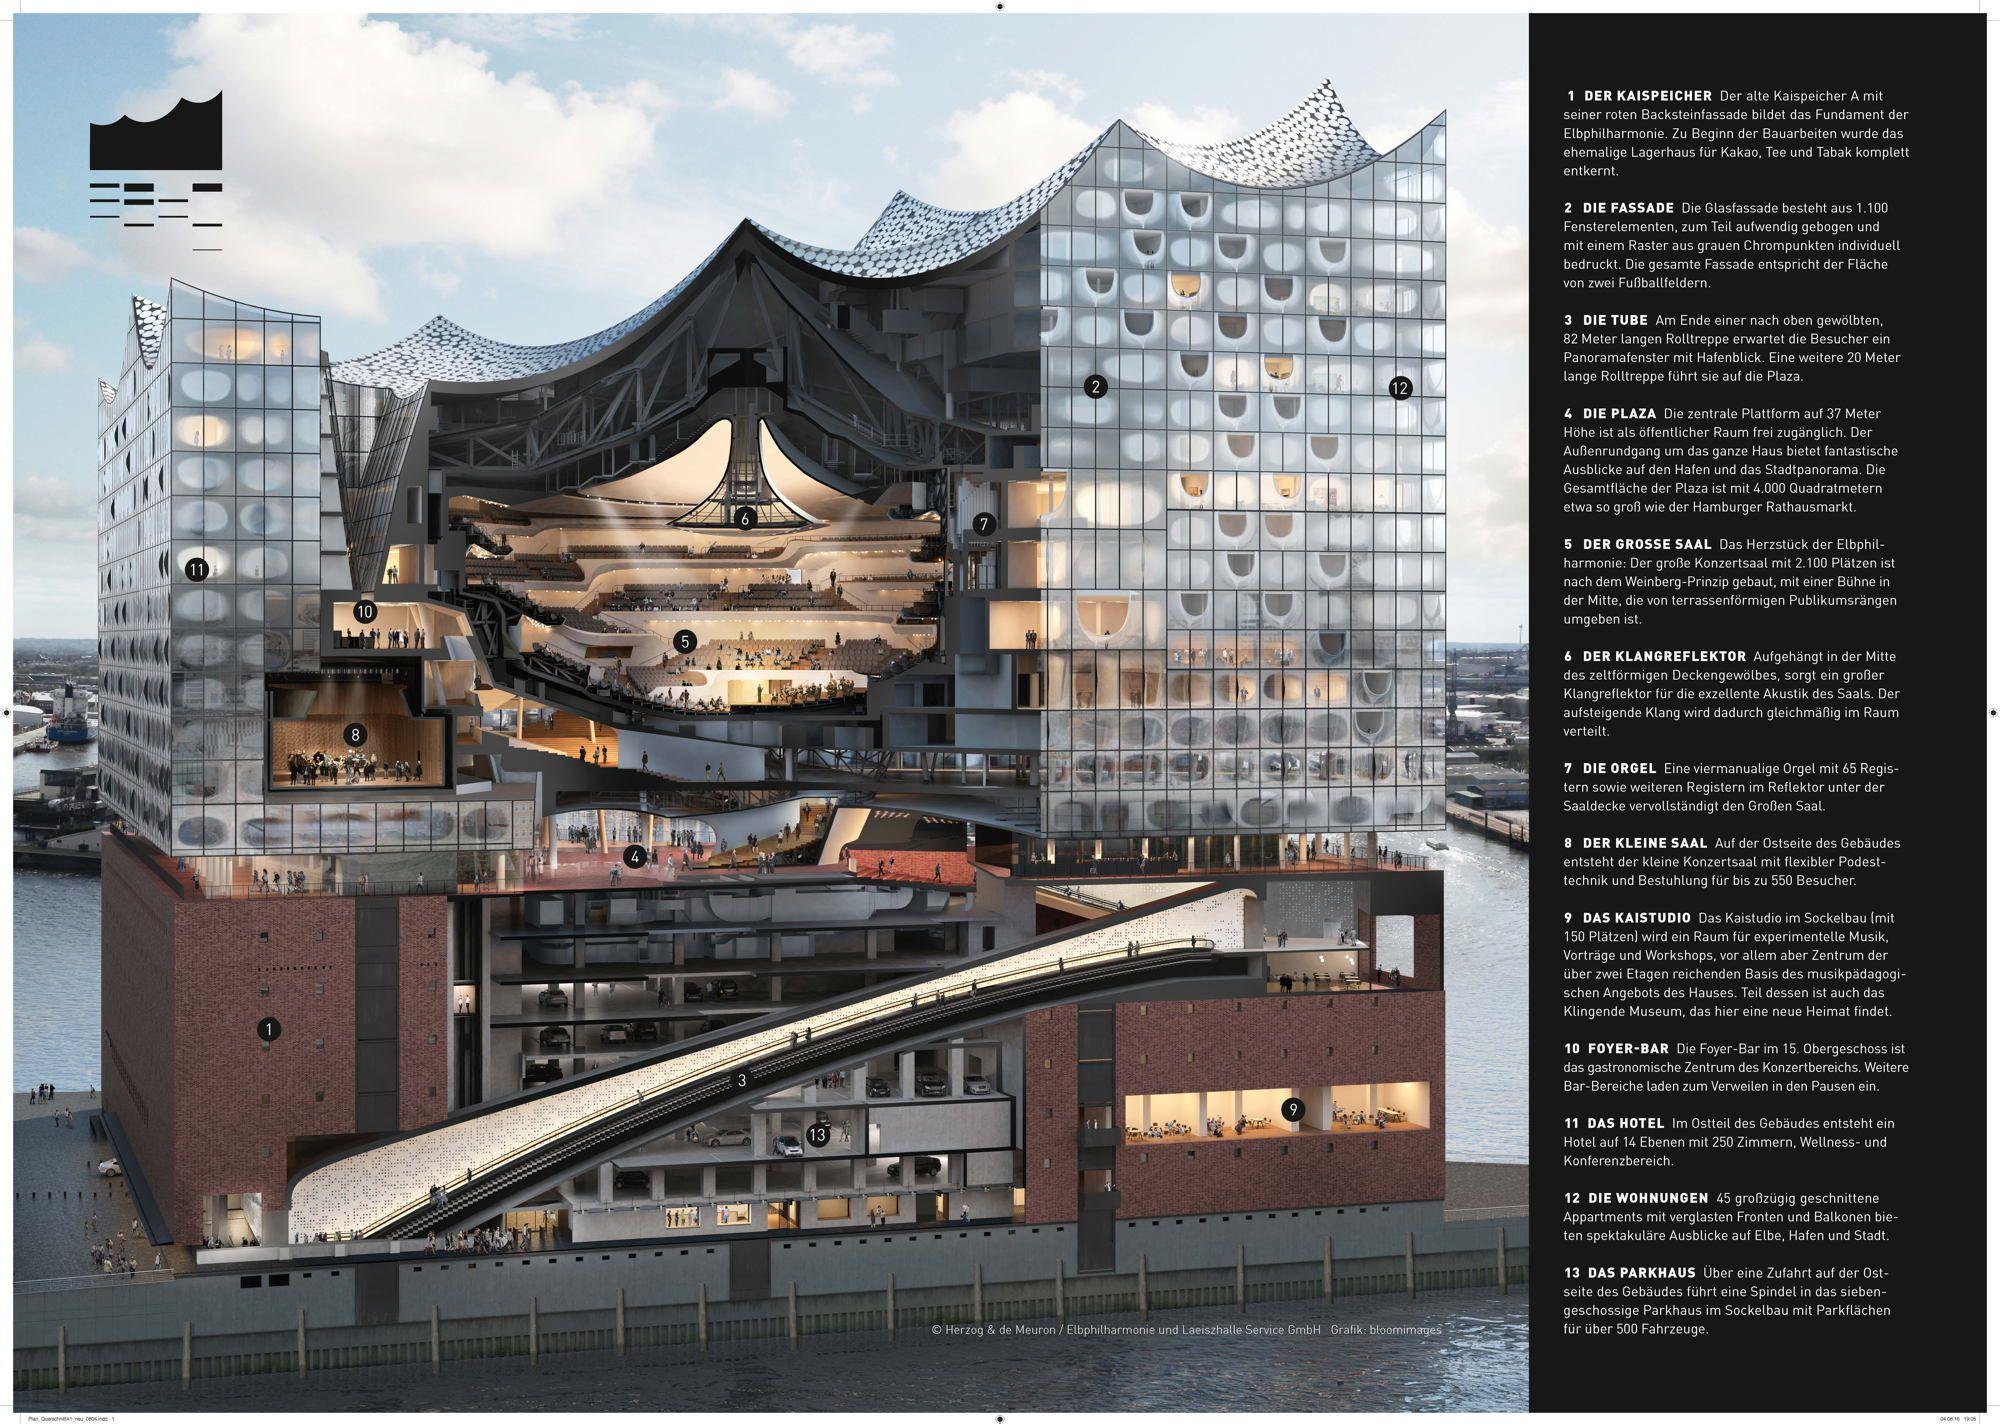 Eroffnung Auf Raten Erster Festakt Fur Die Fertige Elbphilharmonie Architektur Hamburg Hamburg Philharmonie